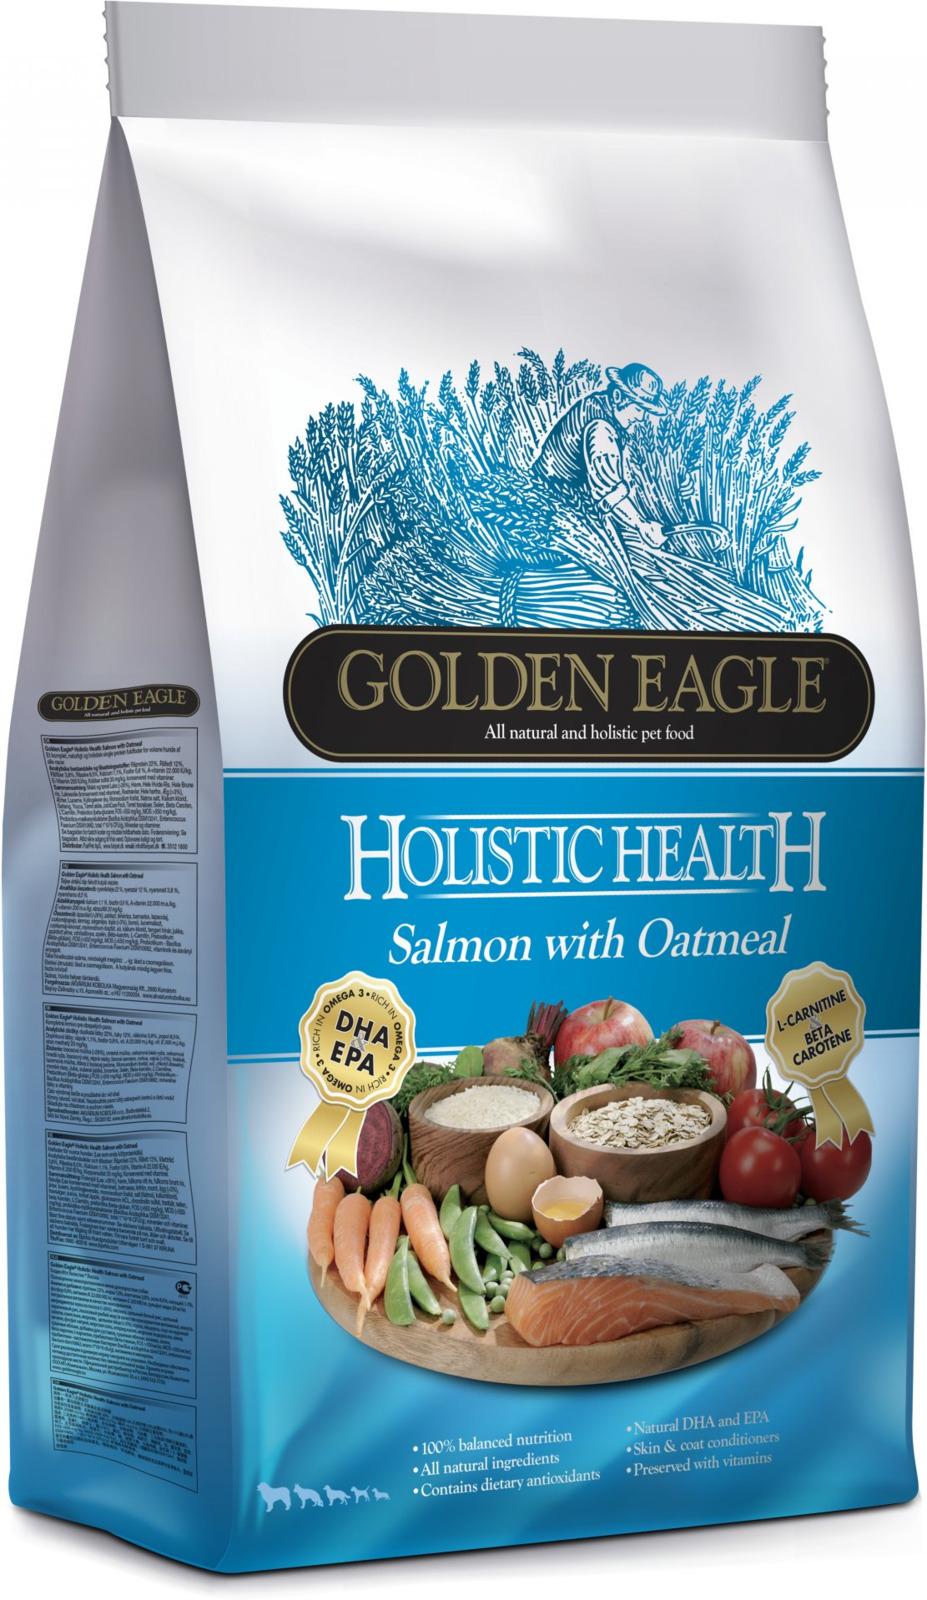 Корм сухой Golden Eagle Holistic Dog Adult Salmon&Oatmeal, для взрослых собак, на основе лосося с овсянкой, 12 кг golden eagle holistic health power formula для активных собак 12кг 233834